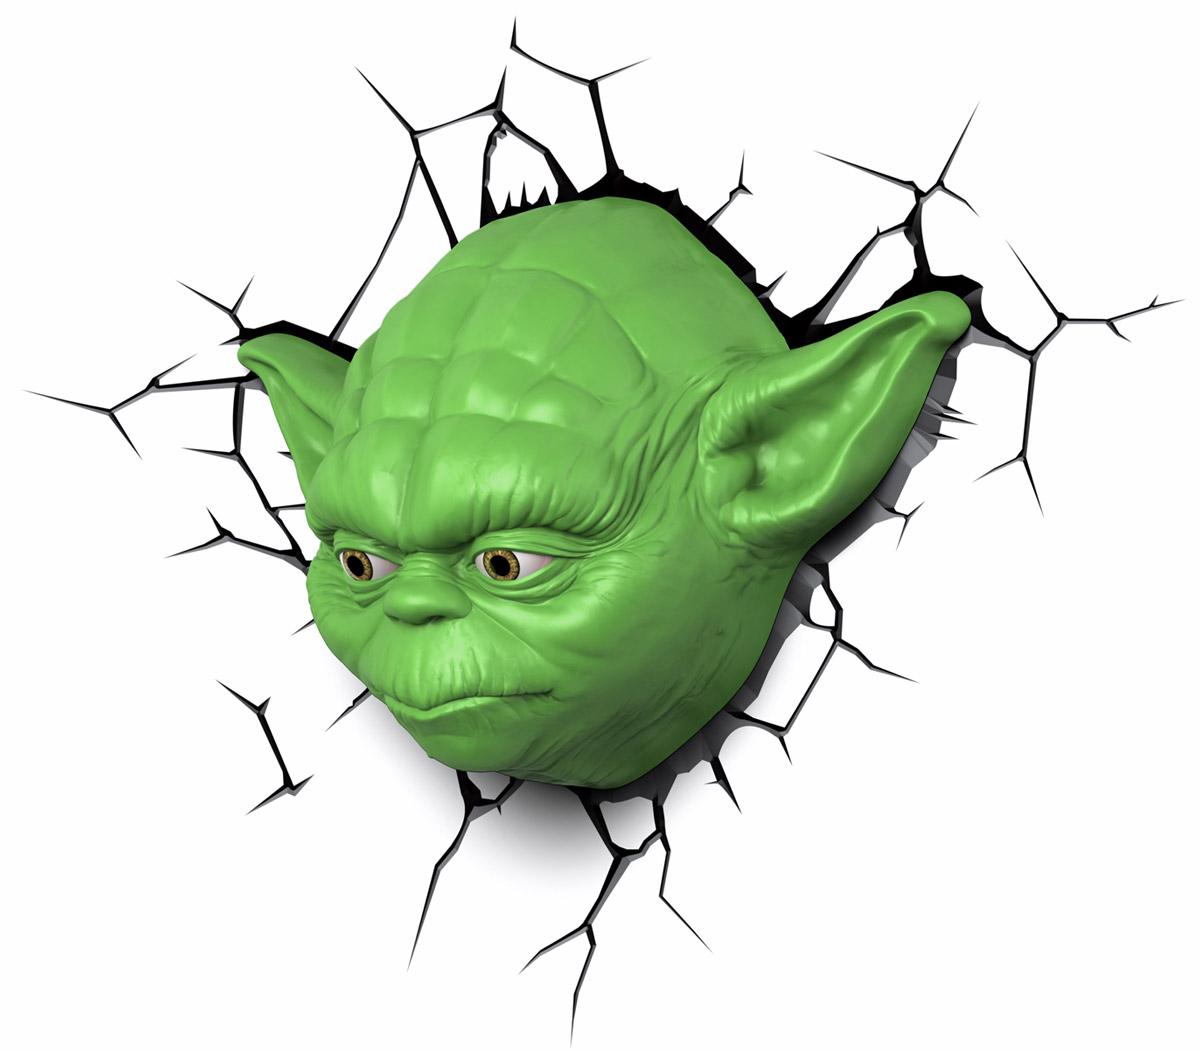 Star Wars Пробивной 3D светильник Йода50025Безопасный: без проводов, работает от батареек (3хАА, не входят в комплект); Не нагревается: всегда можно дотронуться до изделия; Реалистичный:3D наклейка-имитация трещины в комплекте; Фантастический: выглядит превосходно в любое время суток; Удобный: простая установка (автоматическое выключение через полчаса непрерывной работы). Товар предназначен для детей старше 3 лет. ВНИМАНИЕ! Содержит мелкие детали, использовать под непосредственным наблюдением взрослых. Страна происхождения: Китай. Дизайн и разработка: Канада.